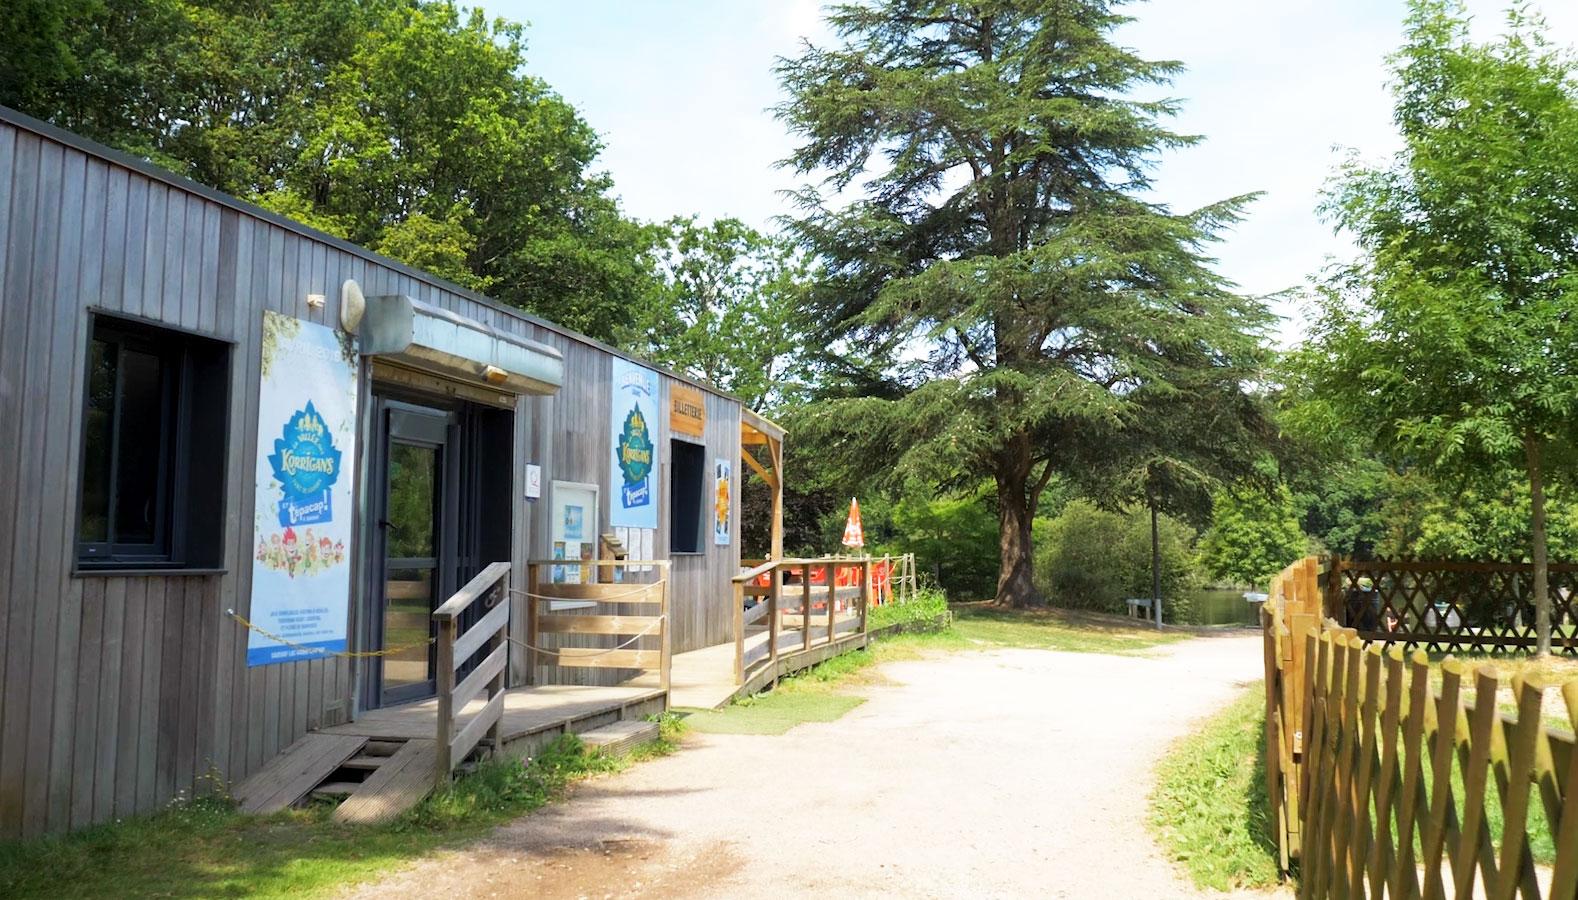 nos-horaires-notre-calendrier-d'ouverture-parc-de-loisirs-la-vallée-des-korrigans-savenay